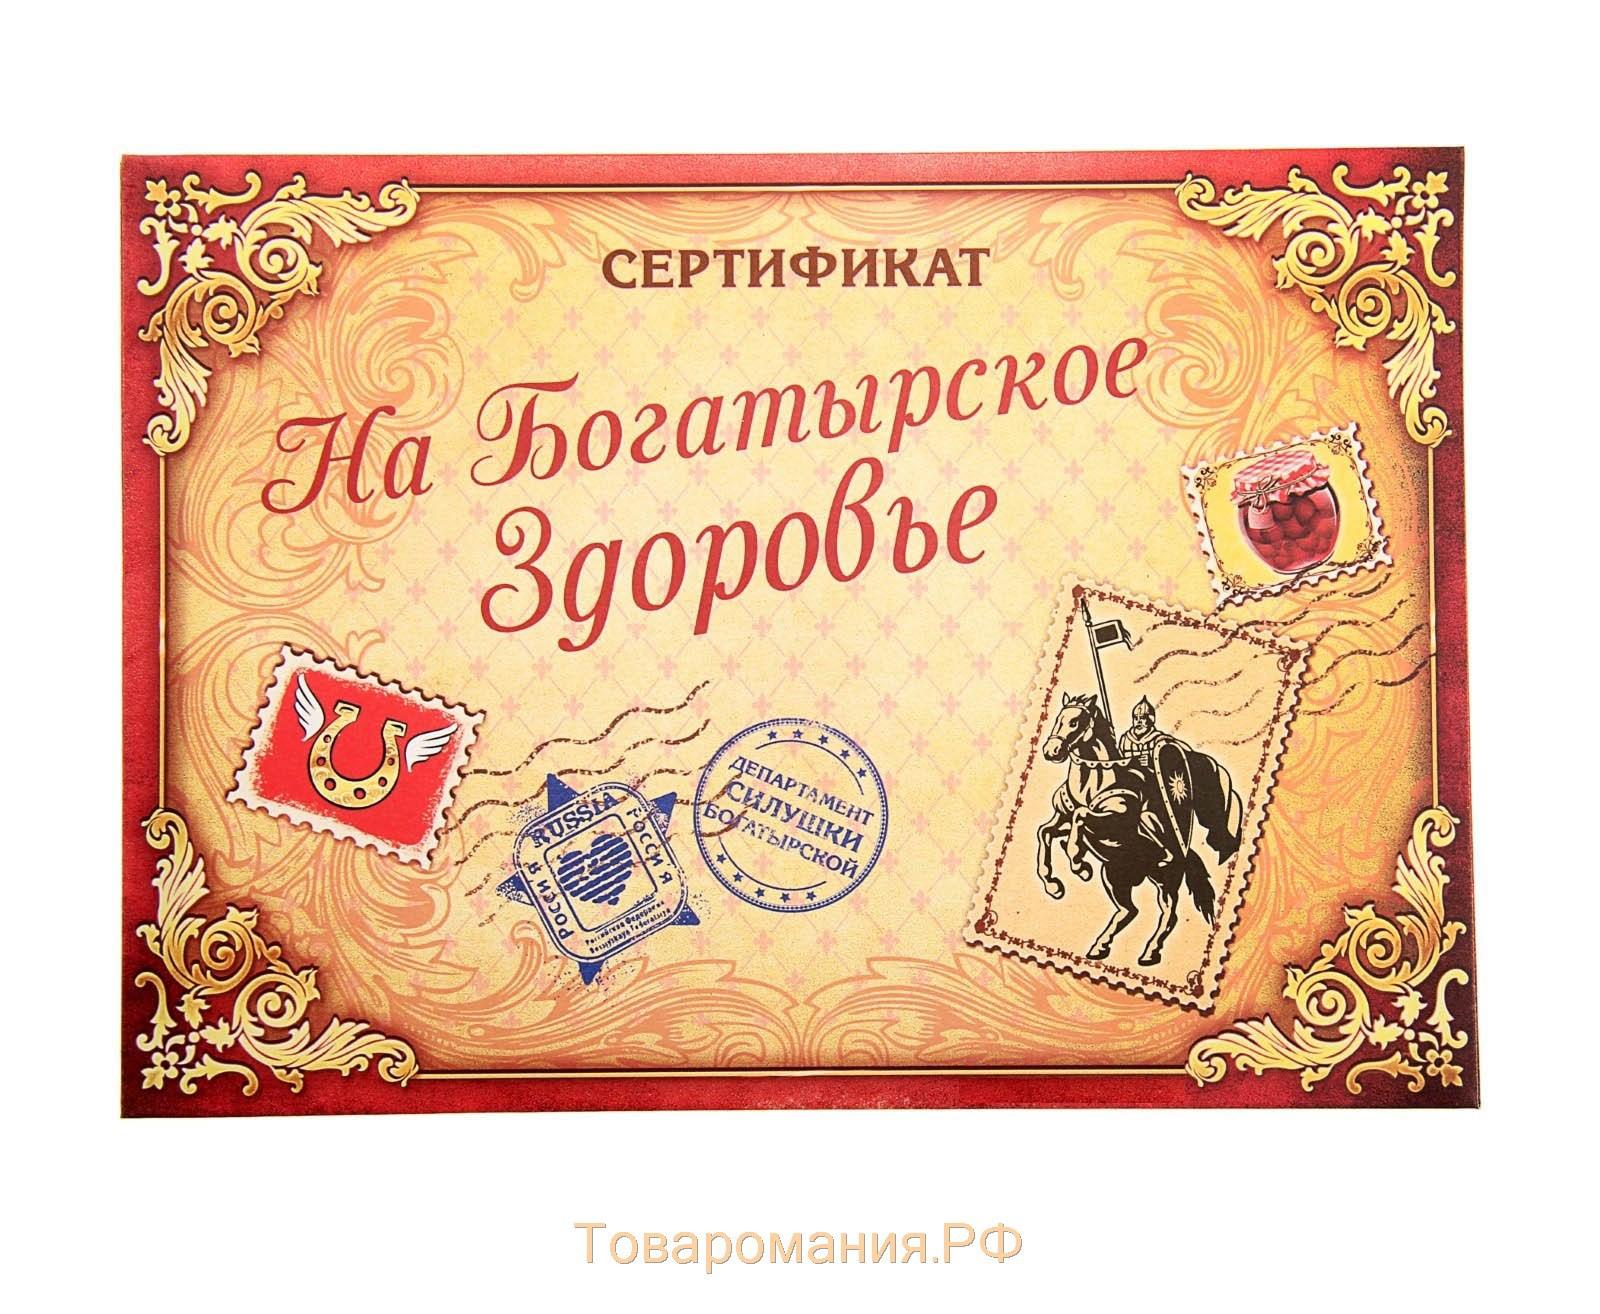 С днем рождения открытки с богатырями, телефон